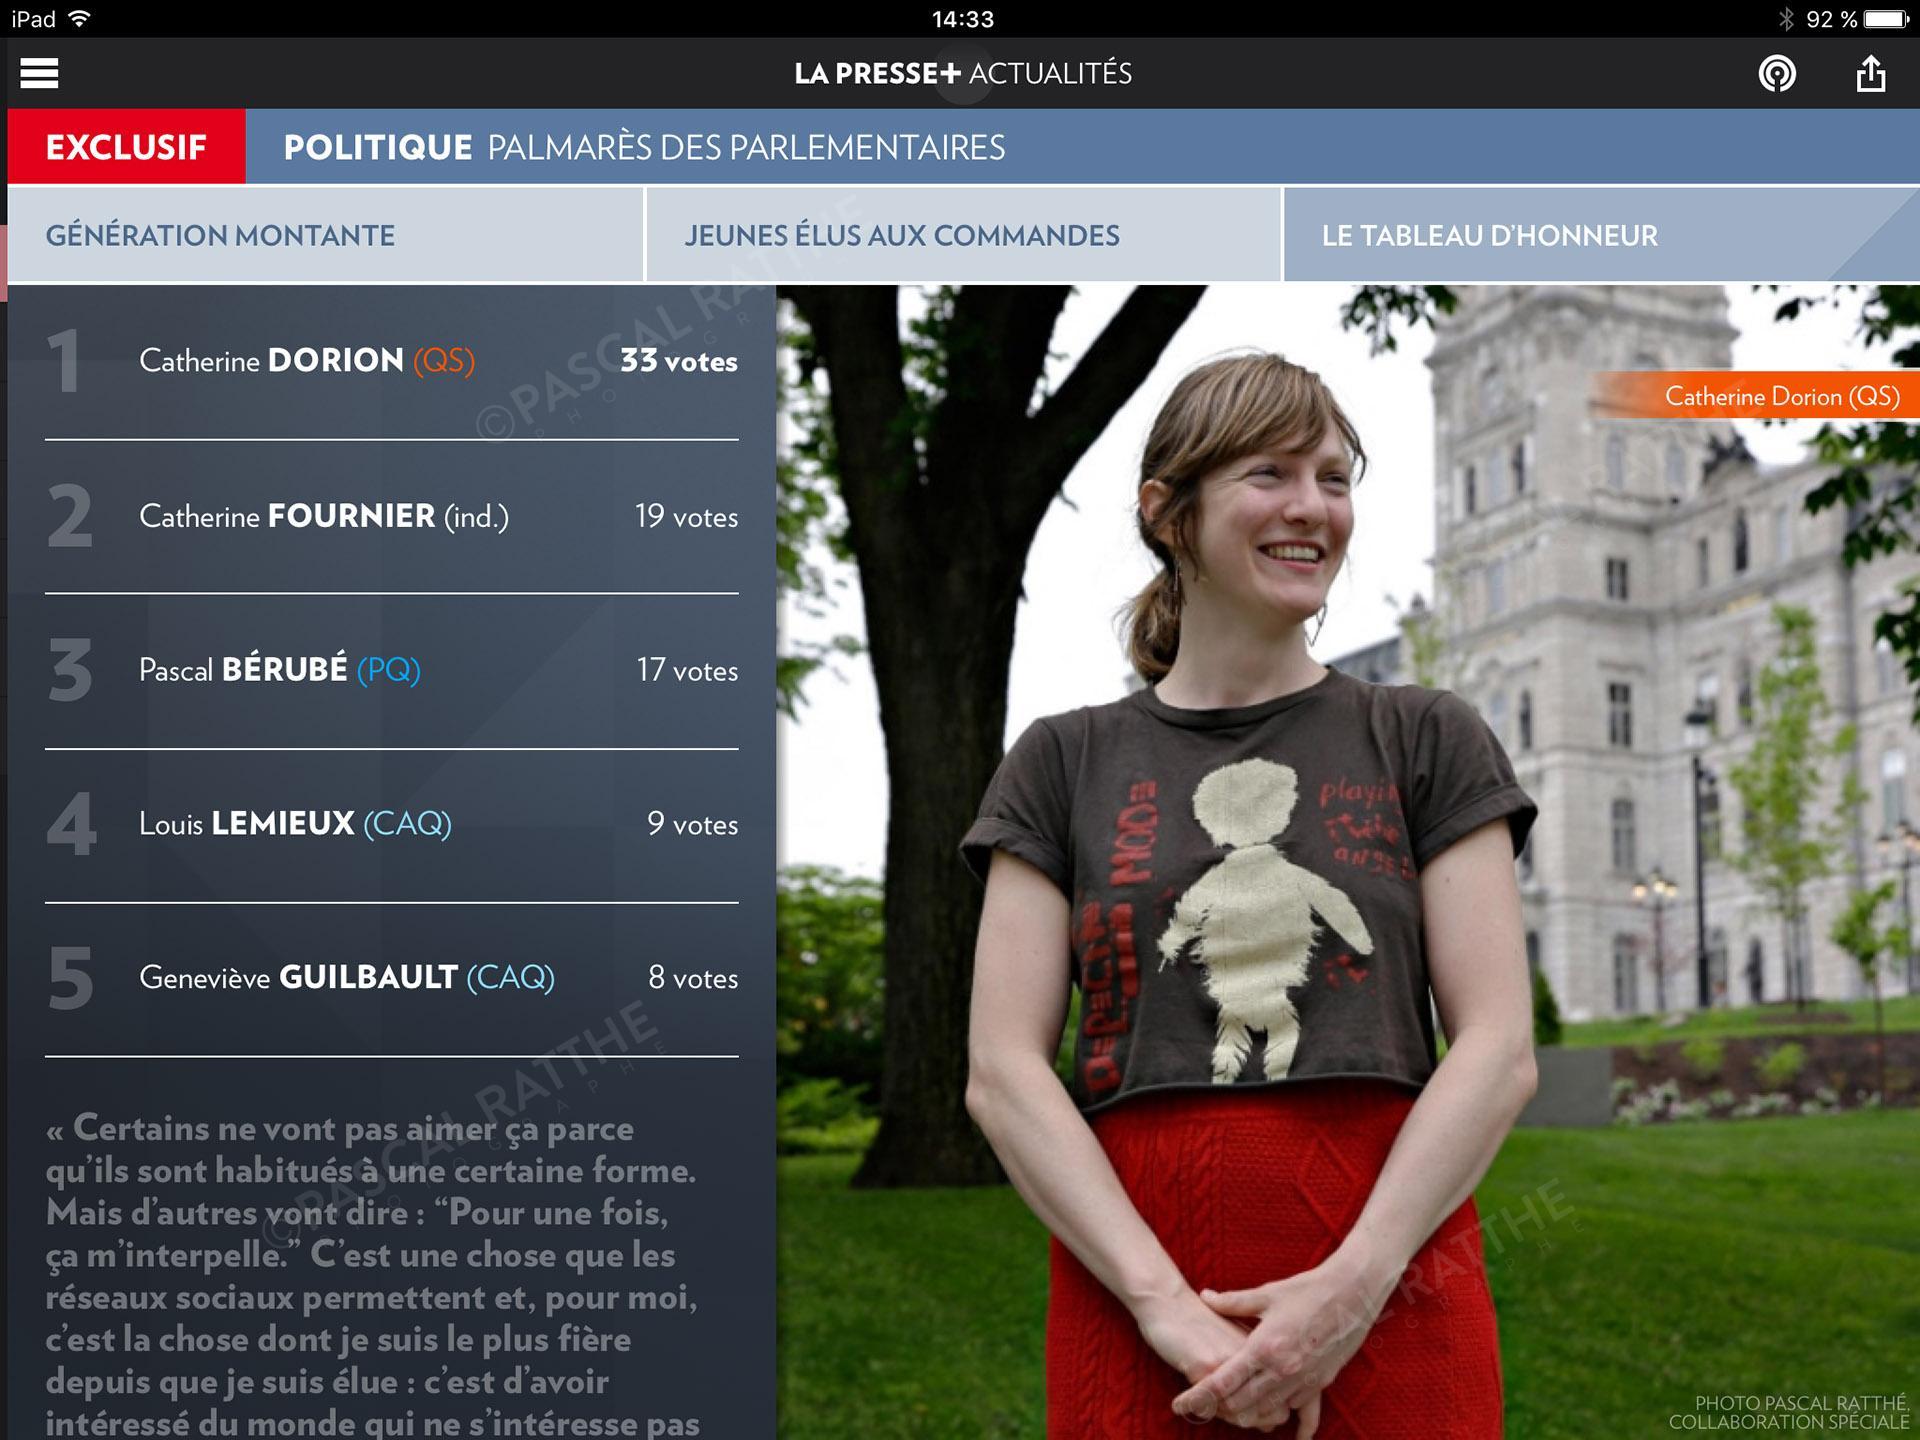 les etoiles de l'assemblee nationale Portrait Catherine Dorion QS